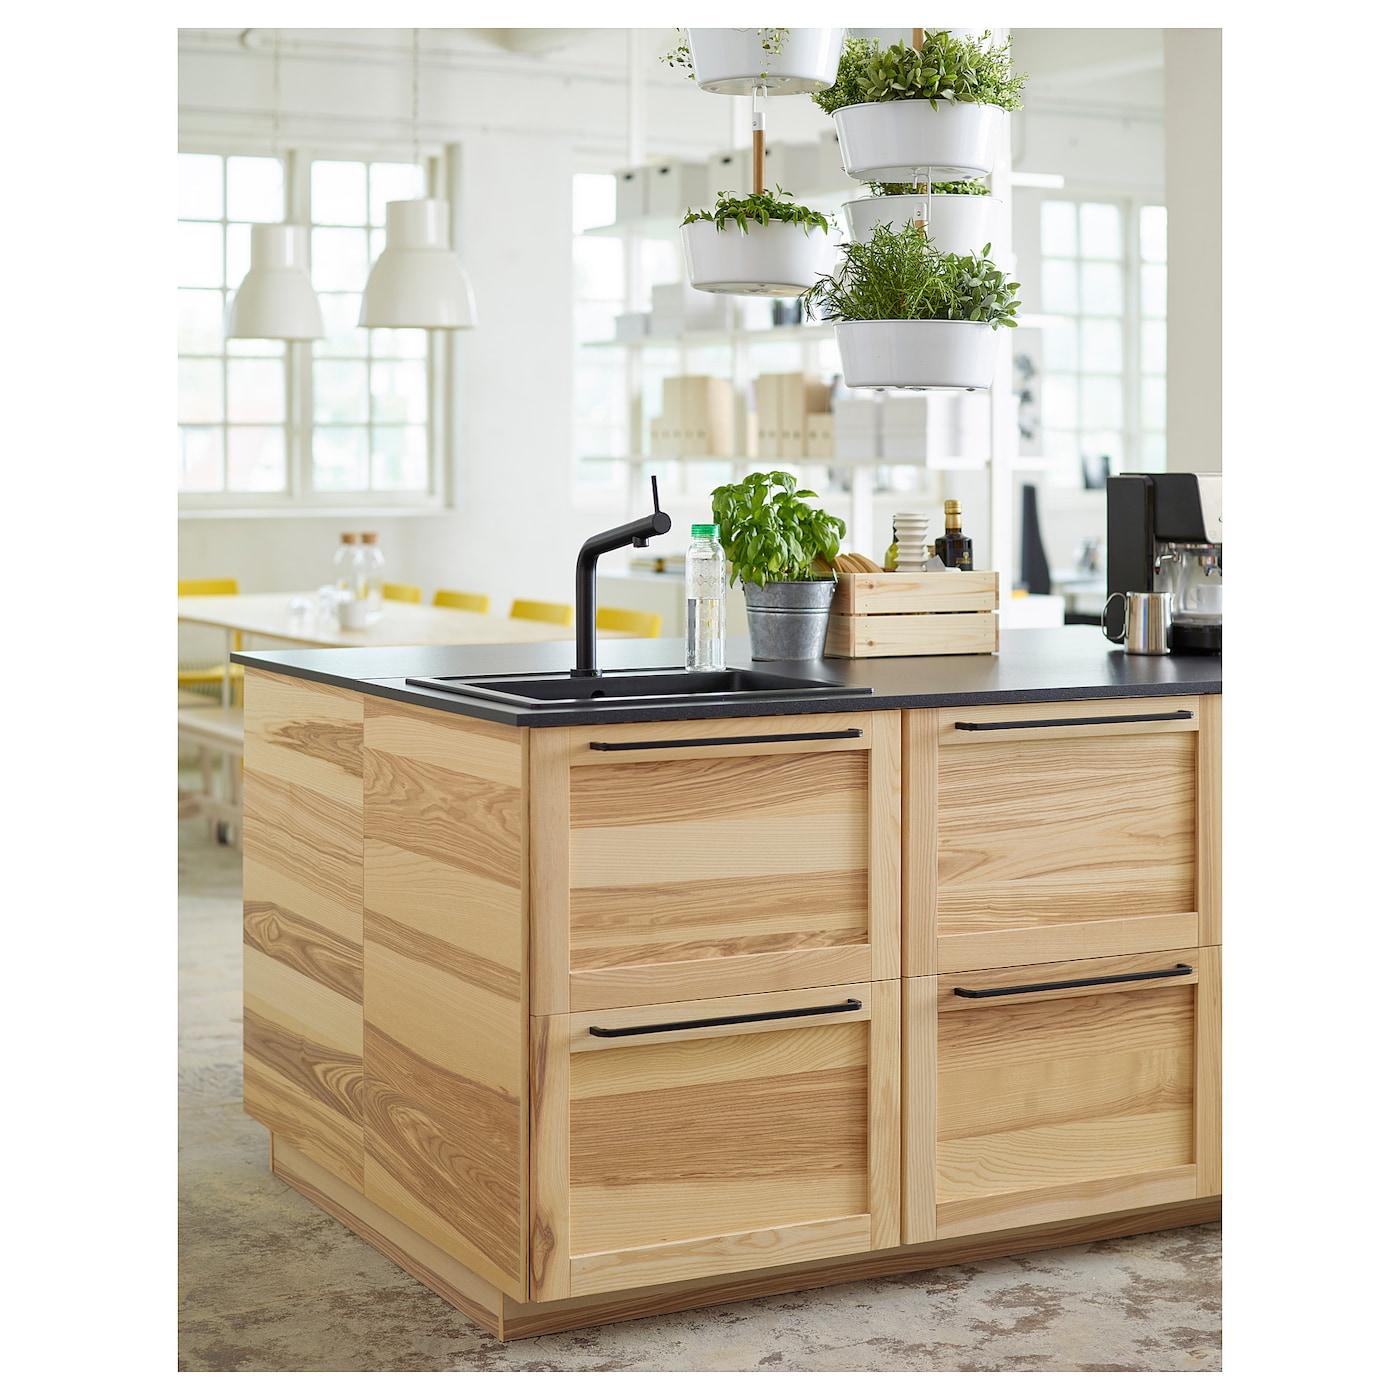 IKEA BOSJÖN Mischbatterie für Küche; in schwarz Küchenarmatur für Spültisch